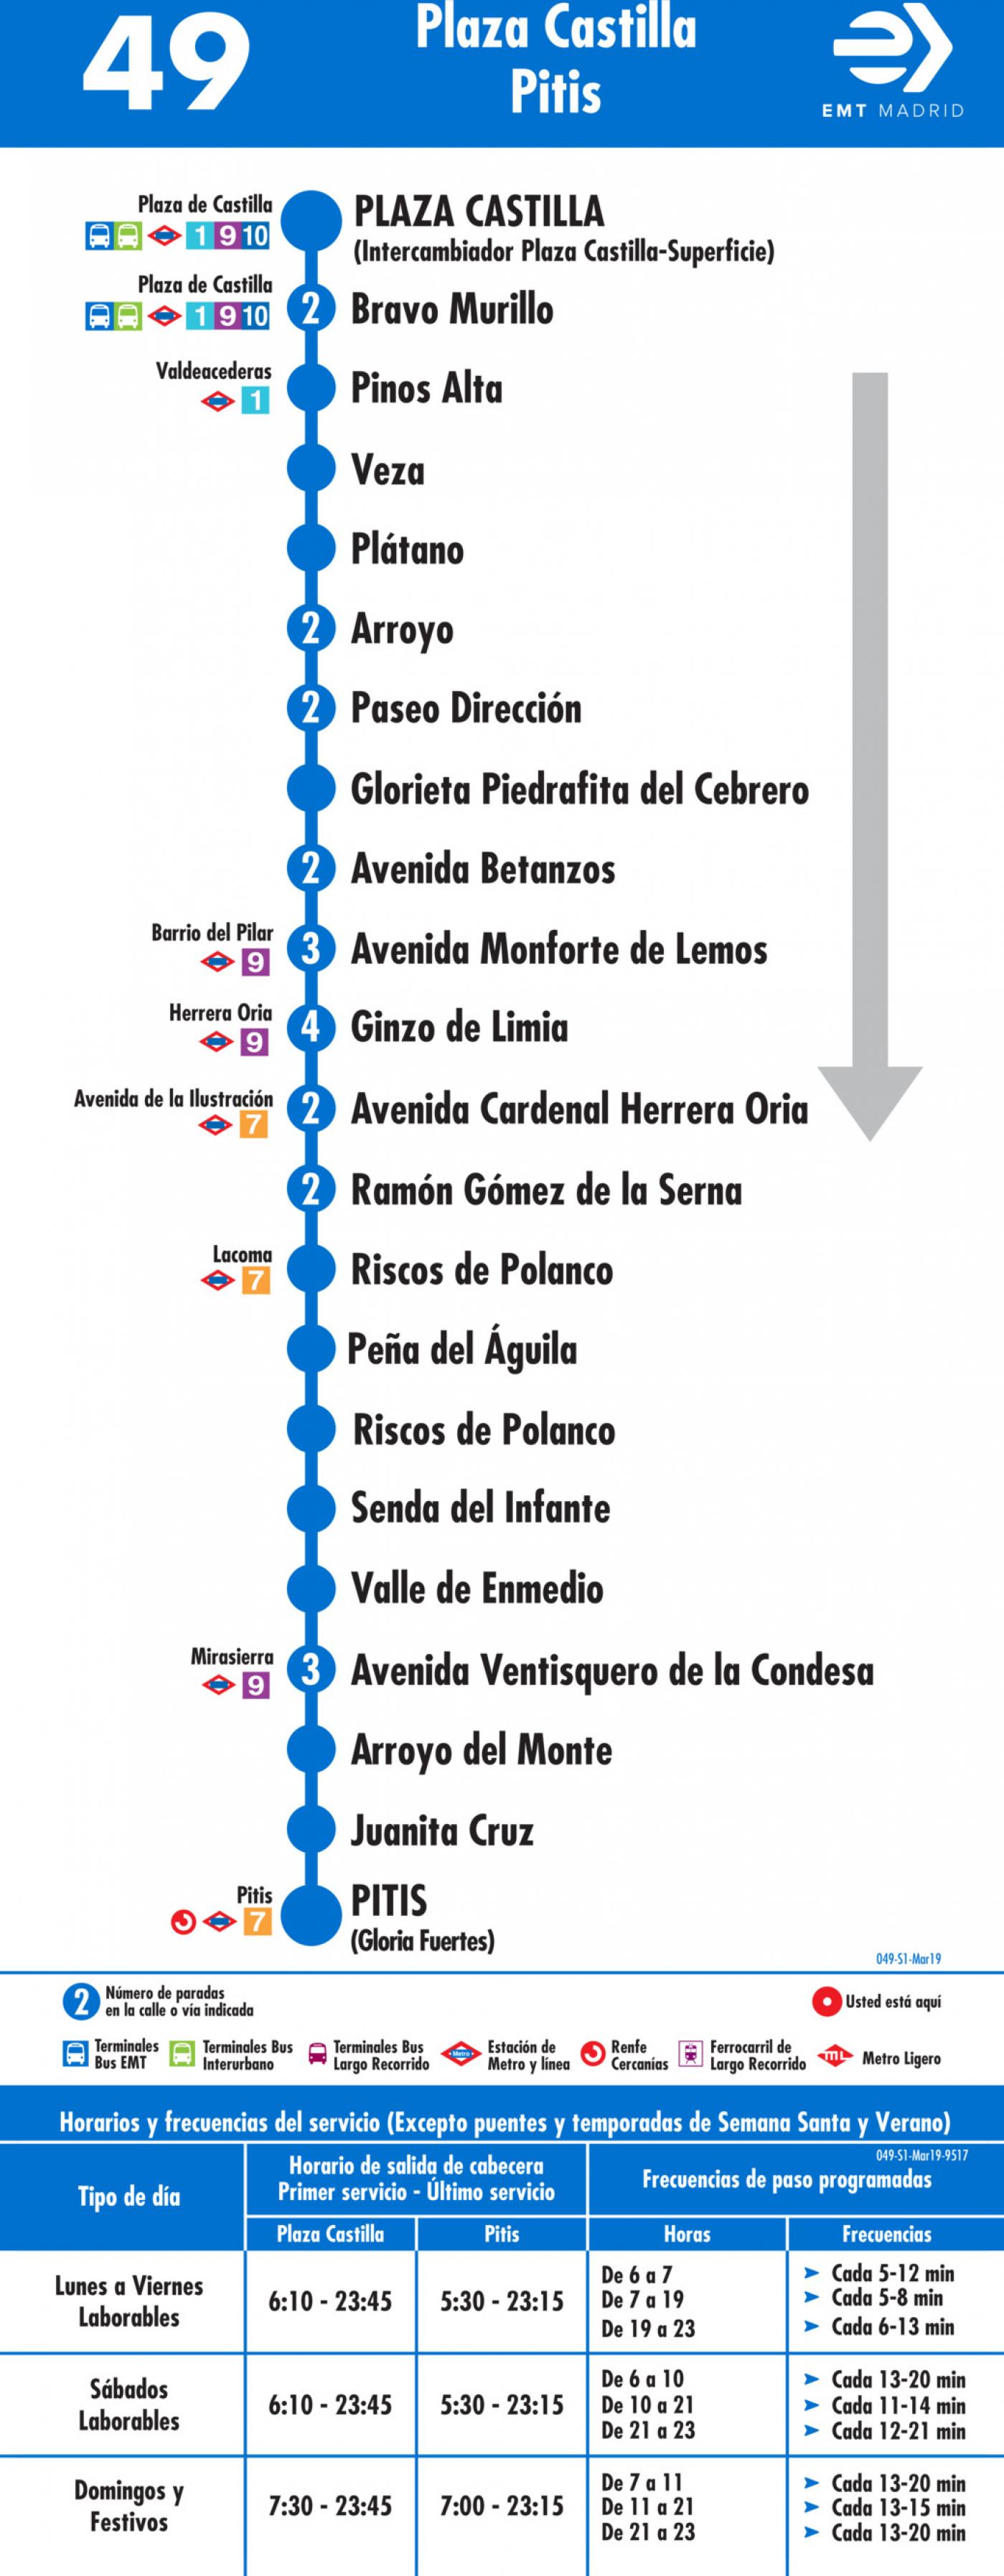 Tabla de horarios y frecuencias de paso en sentido ida Línea 49: Plaza de Castilla - Arroyo del Fresno